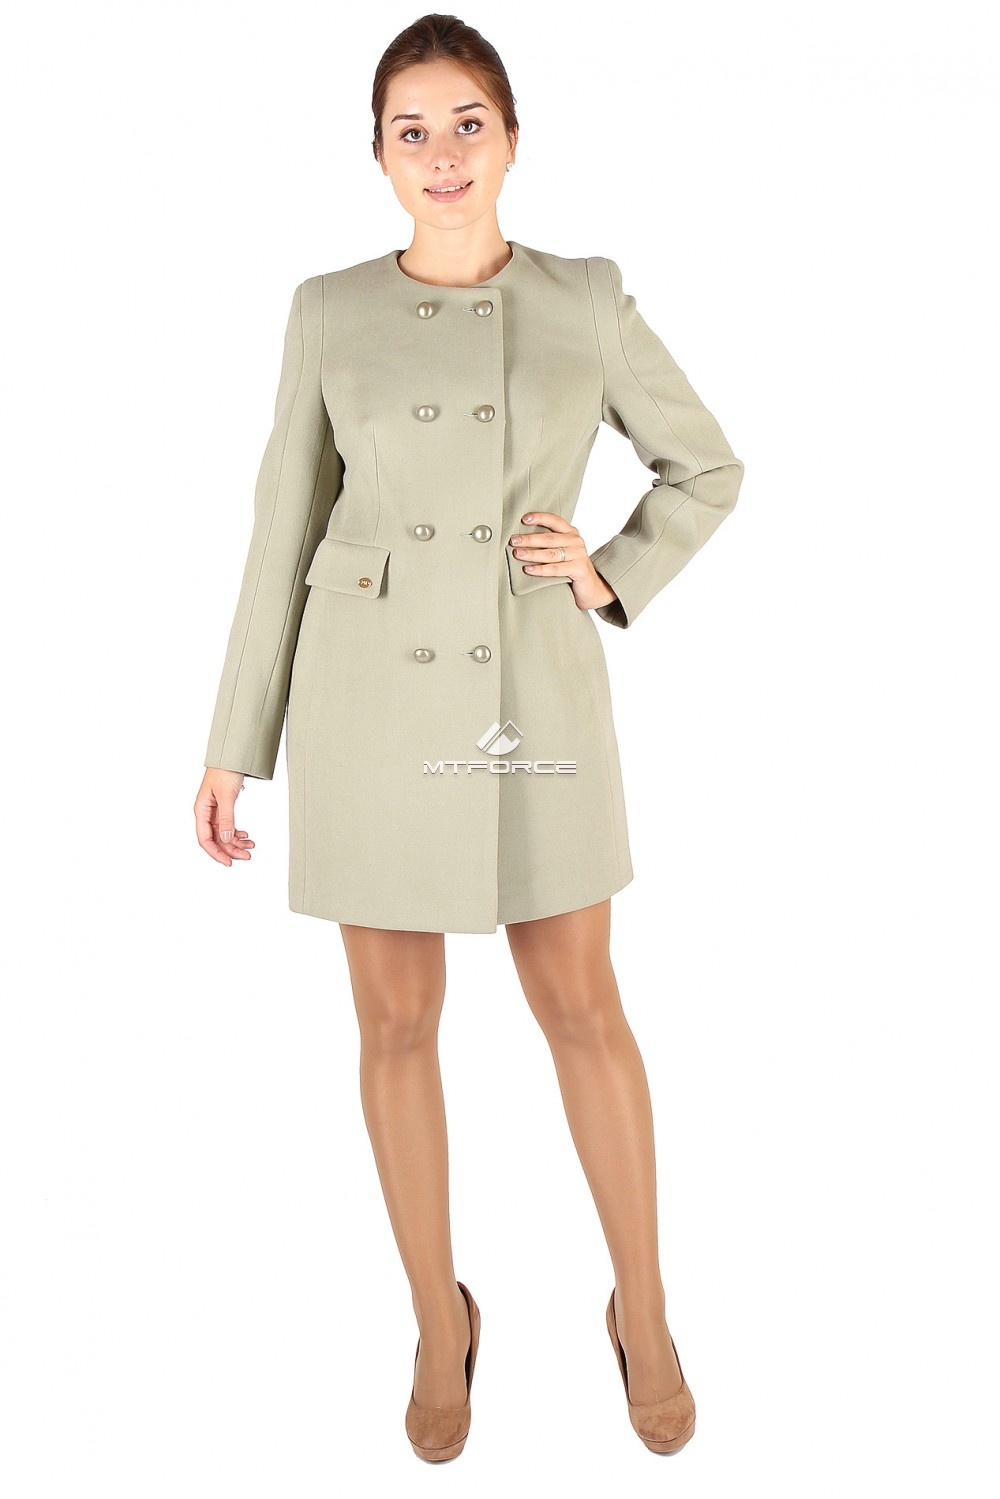 Купить оптом Пальто женское фисташкового цвета 277-Fs в Новосибирске